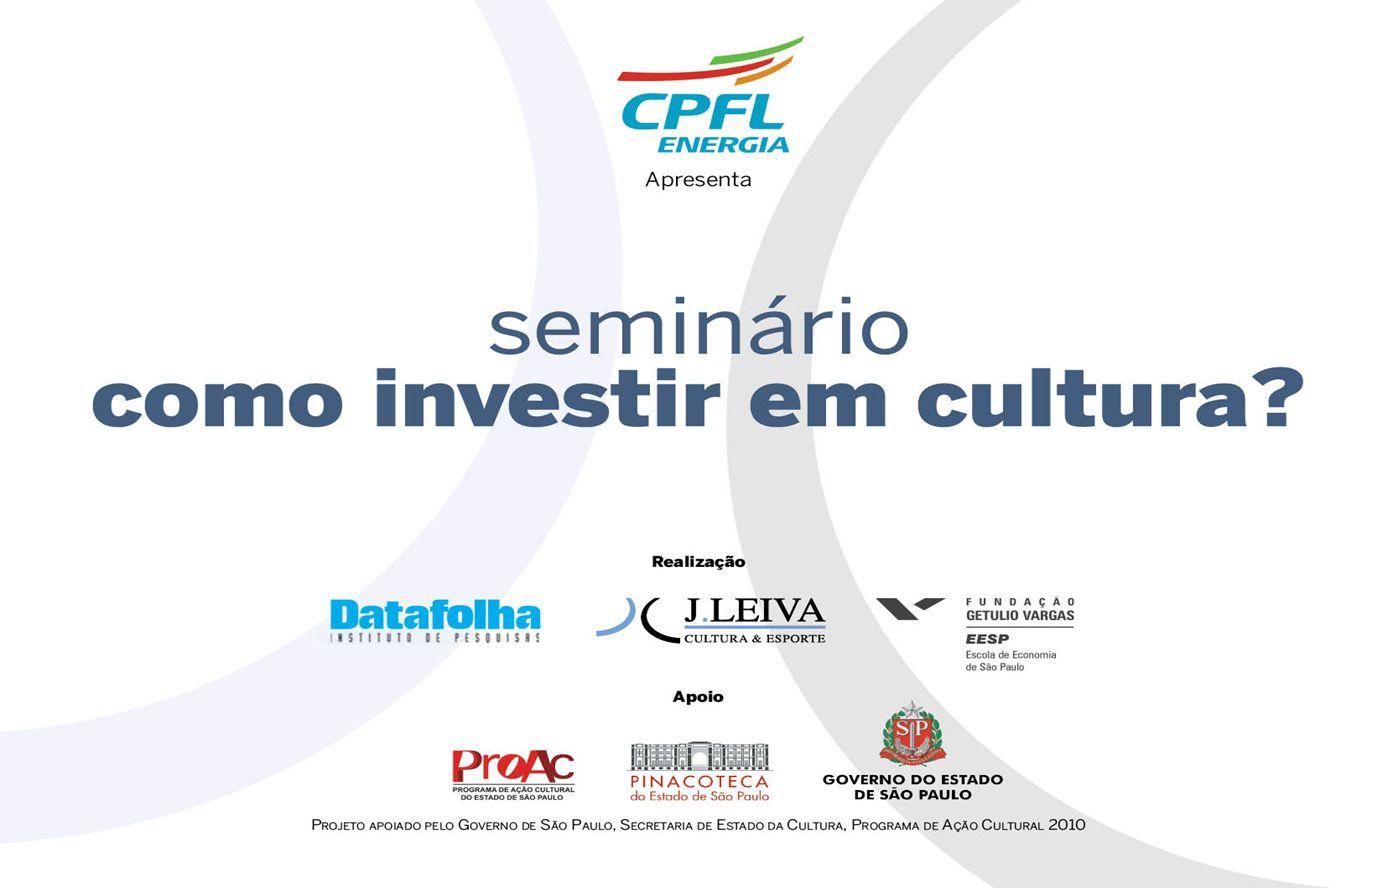 2 Objetivo hábitos culturais Este estudo tem como objetivo mapear e compreender, com profundidade, os hábitos culturais da população paulista com 12 anos ou mais.